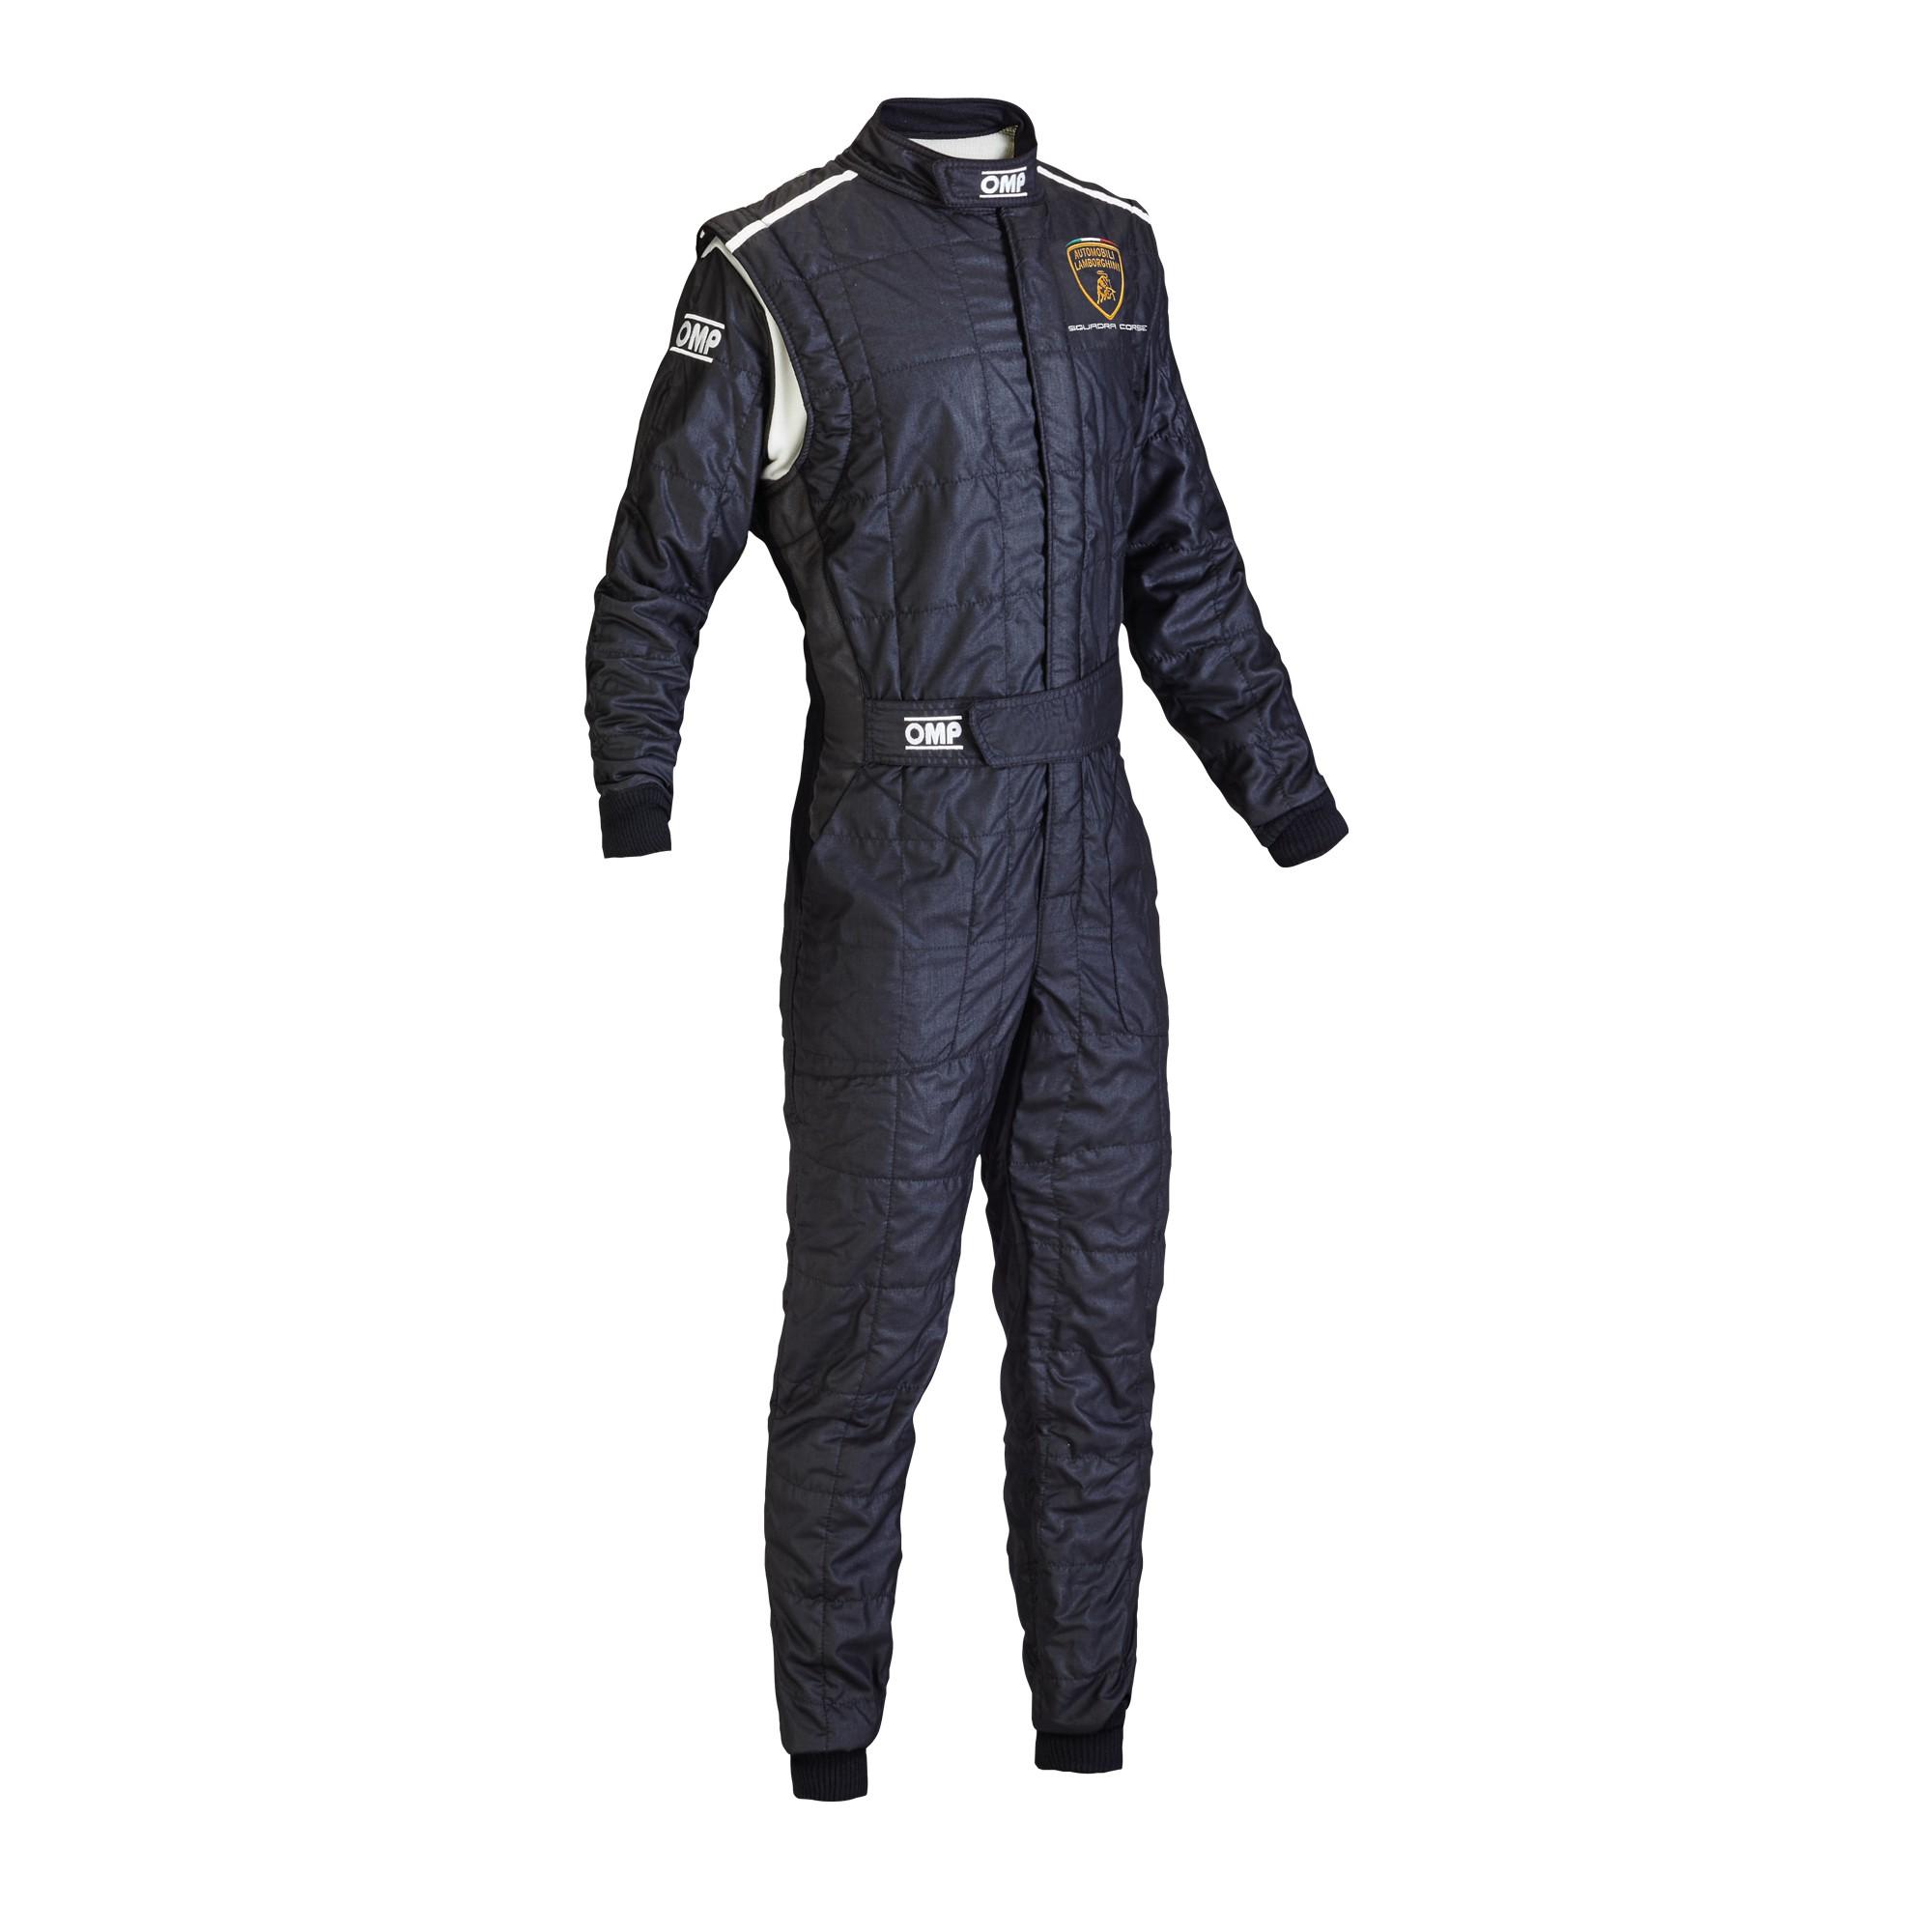 ONE-S Suit OMP AUTOMOBILI LAMBORGHINI